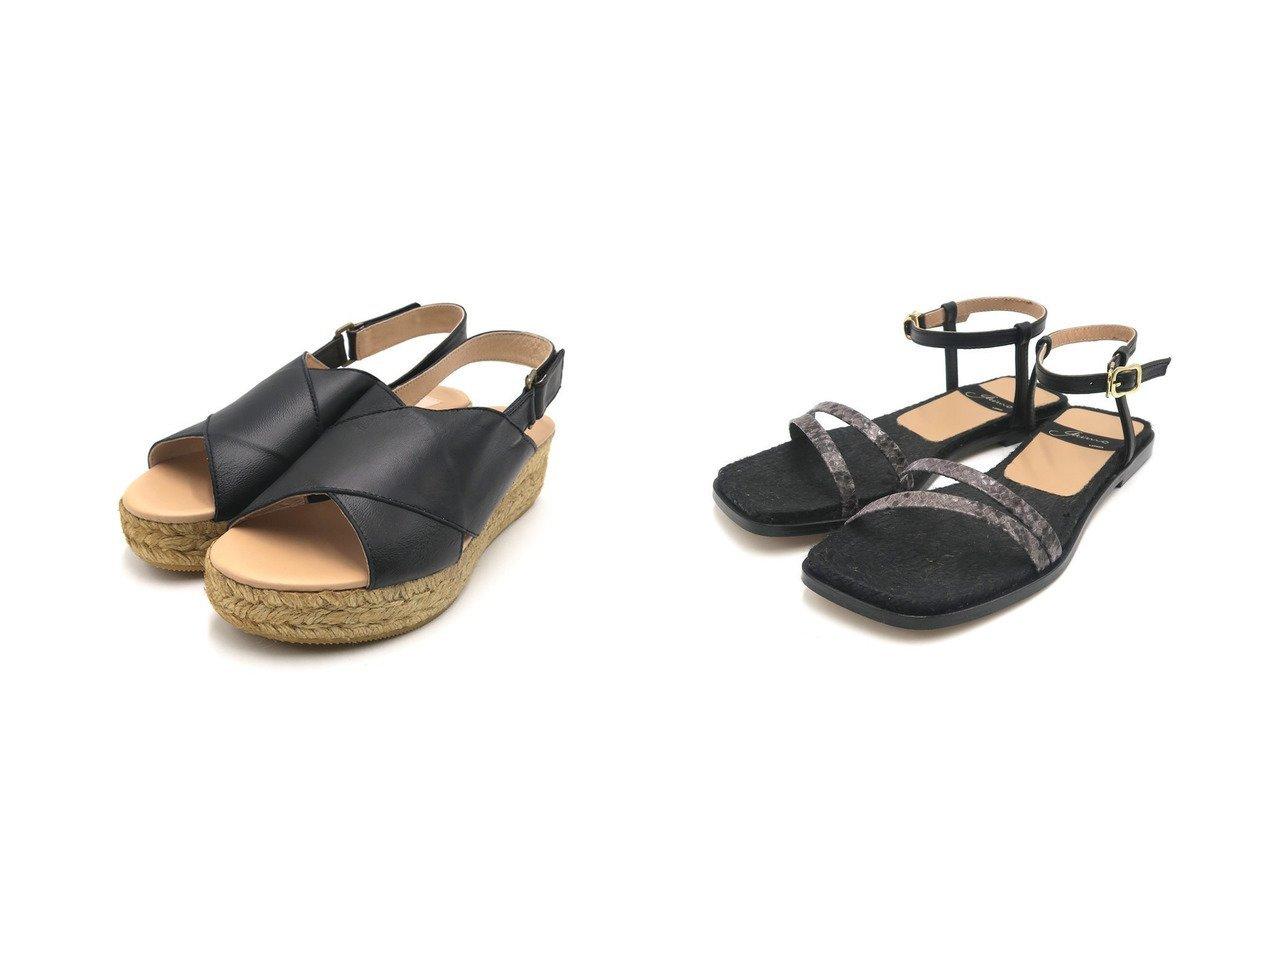 【Esmeralda/エスメラルダ】の【Gaimo】クロスベルトエスパドリーユサンダル&【Gaimo】ストラップフラットサンダル 【シューズ・靴】おすすめ!人気、トレンド・レディースファッションの通販 おすすめで人気の流行・トレンド、ファッションの通販商品 インテリア・家具・メンズファッション・キッズファッション・レディースファッション・服の通販 founy(ファニー) https://founy.com/ ファッション Fashion レディースファッション WOMEN ベルト Belts サンダル ジュート ストラップ トレンド ラップ 人気 定番 Standard  ID:crp329100000045151